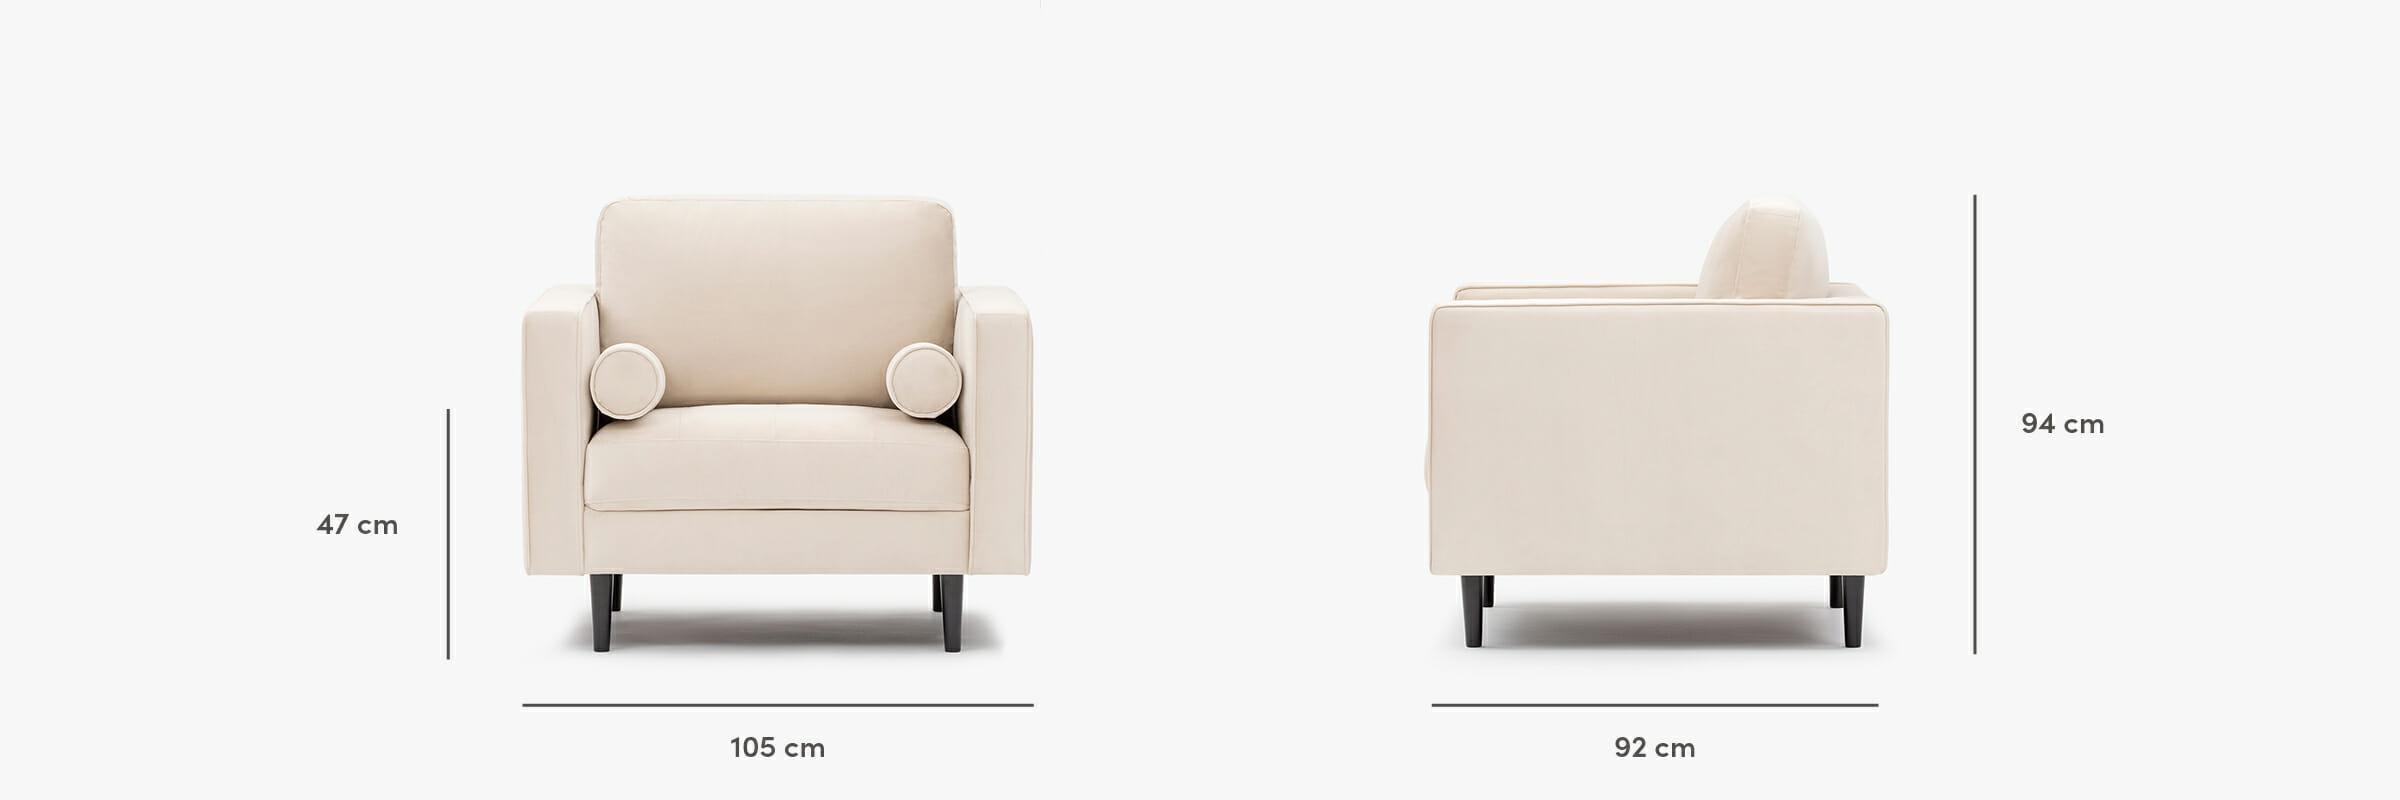 Soho velvet armchair dimensions